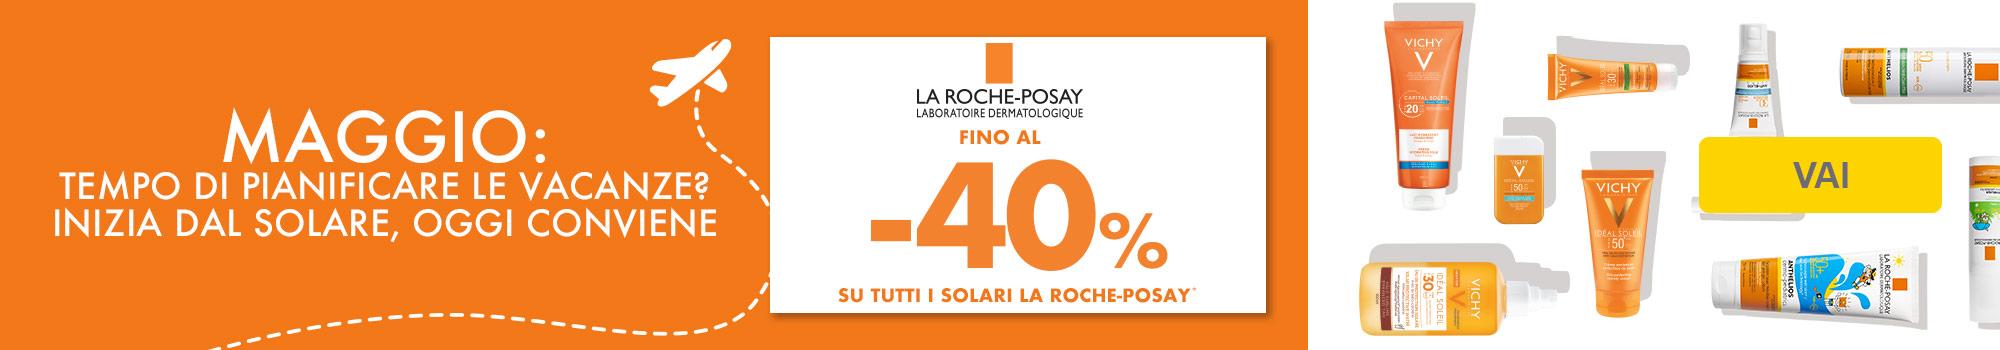 LRP solari